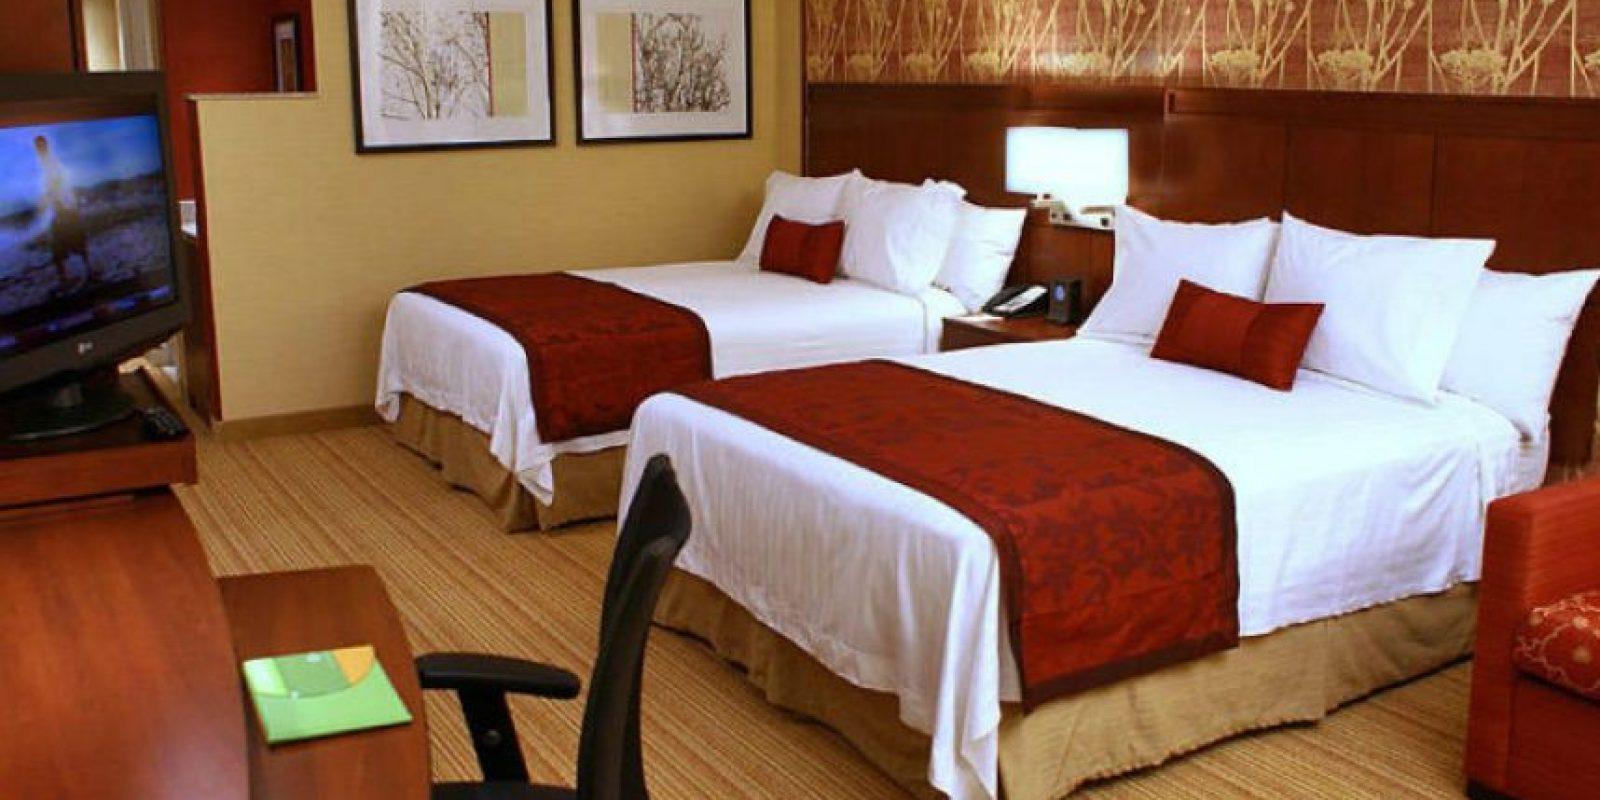 Lo que han encontrado otros usuarios de Reddit en los hoteles Foto:Marriott.co.uk